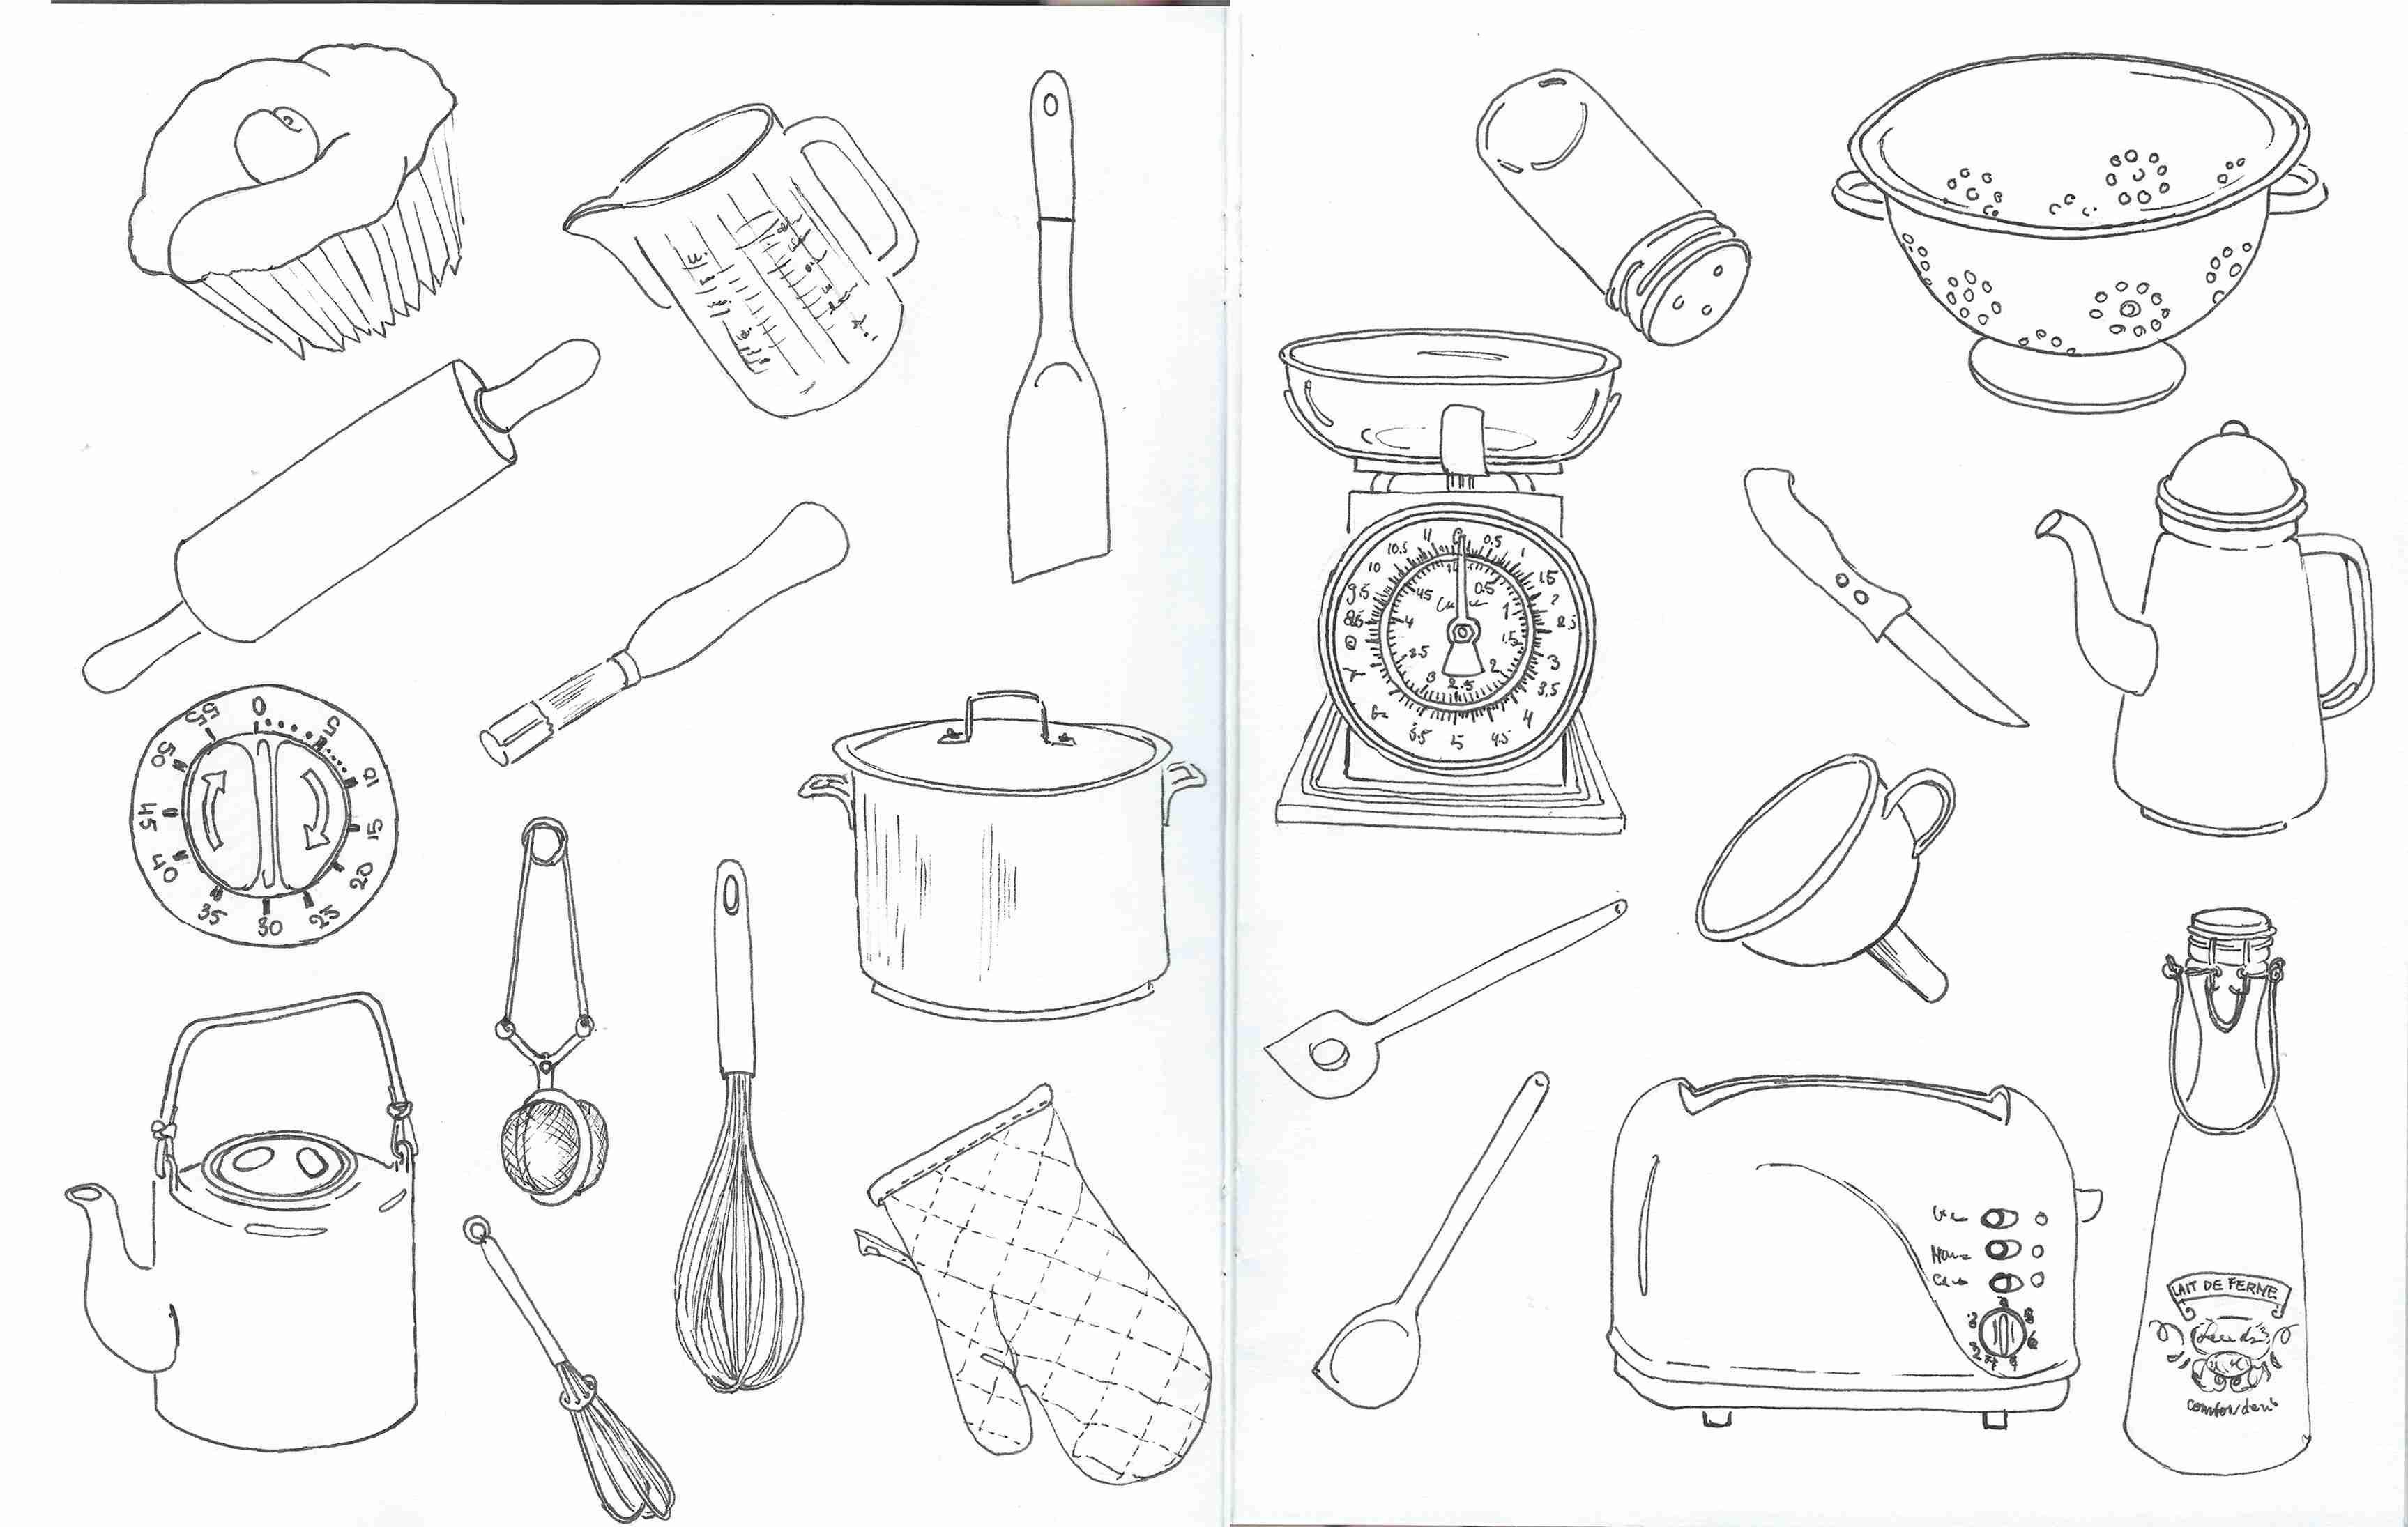 Black and white kitchen stuff | Sketchnotes | Pinterest